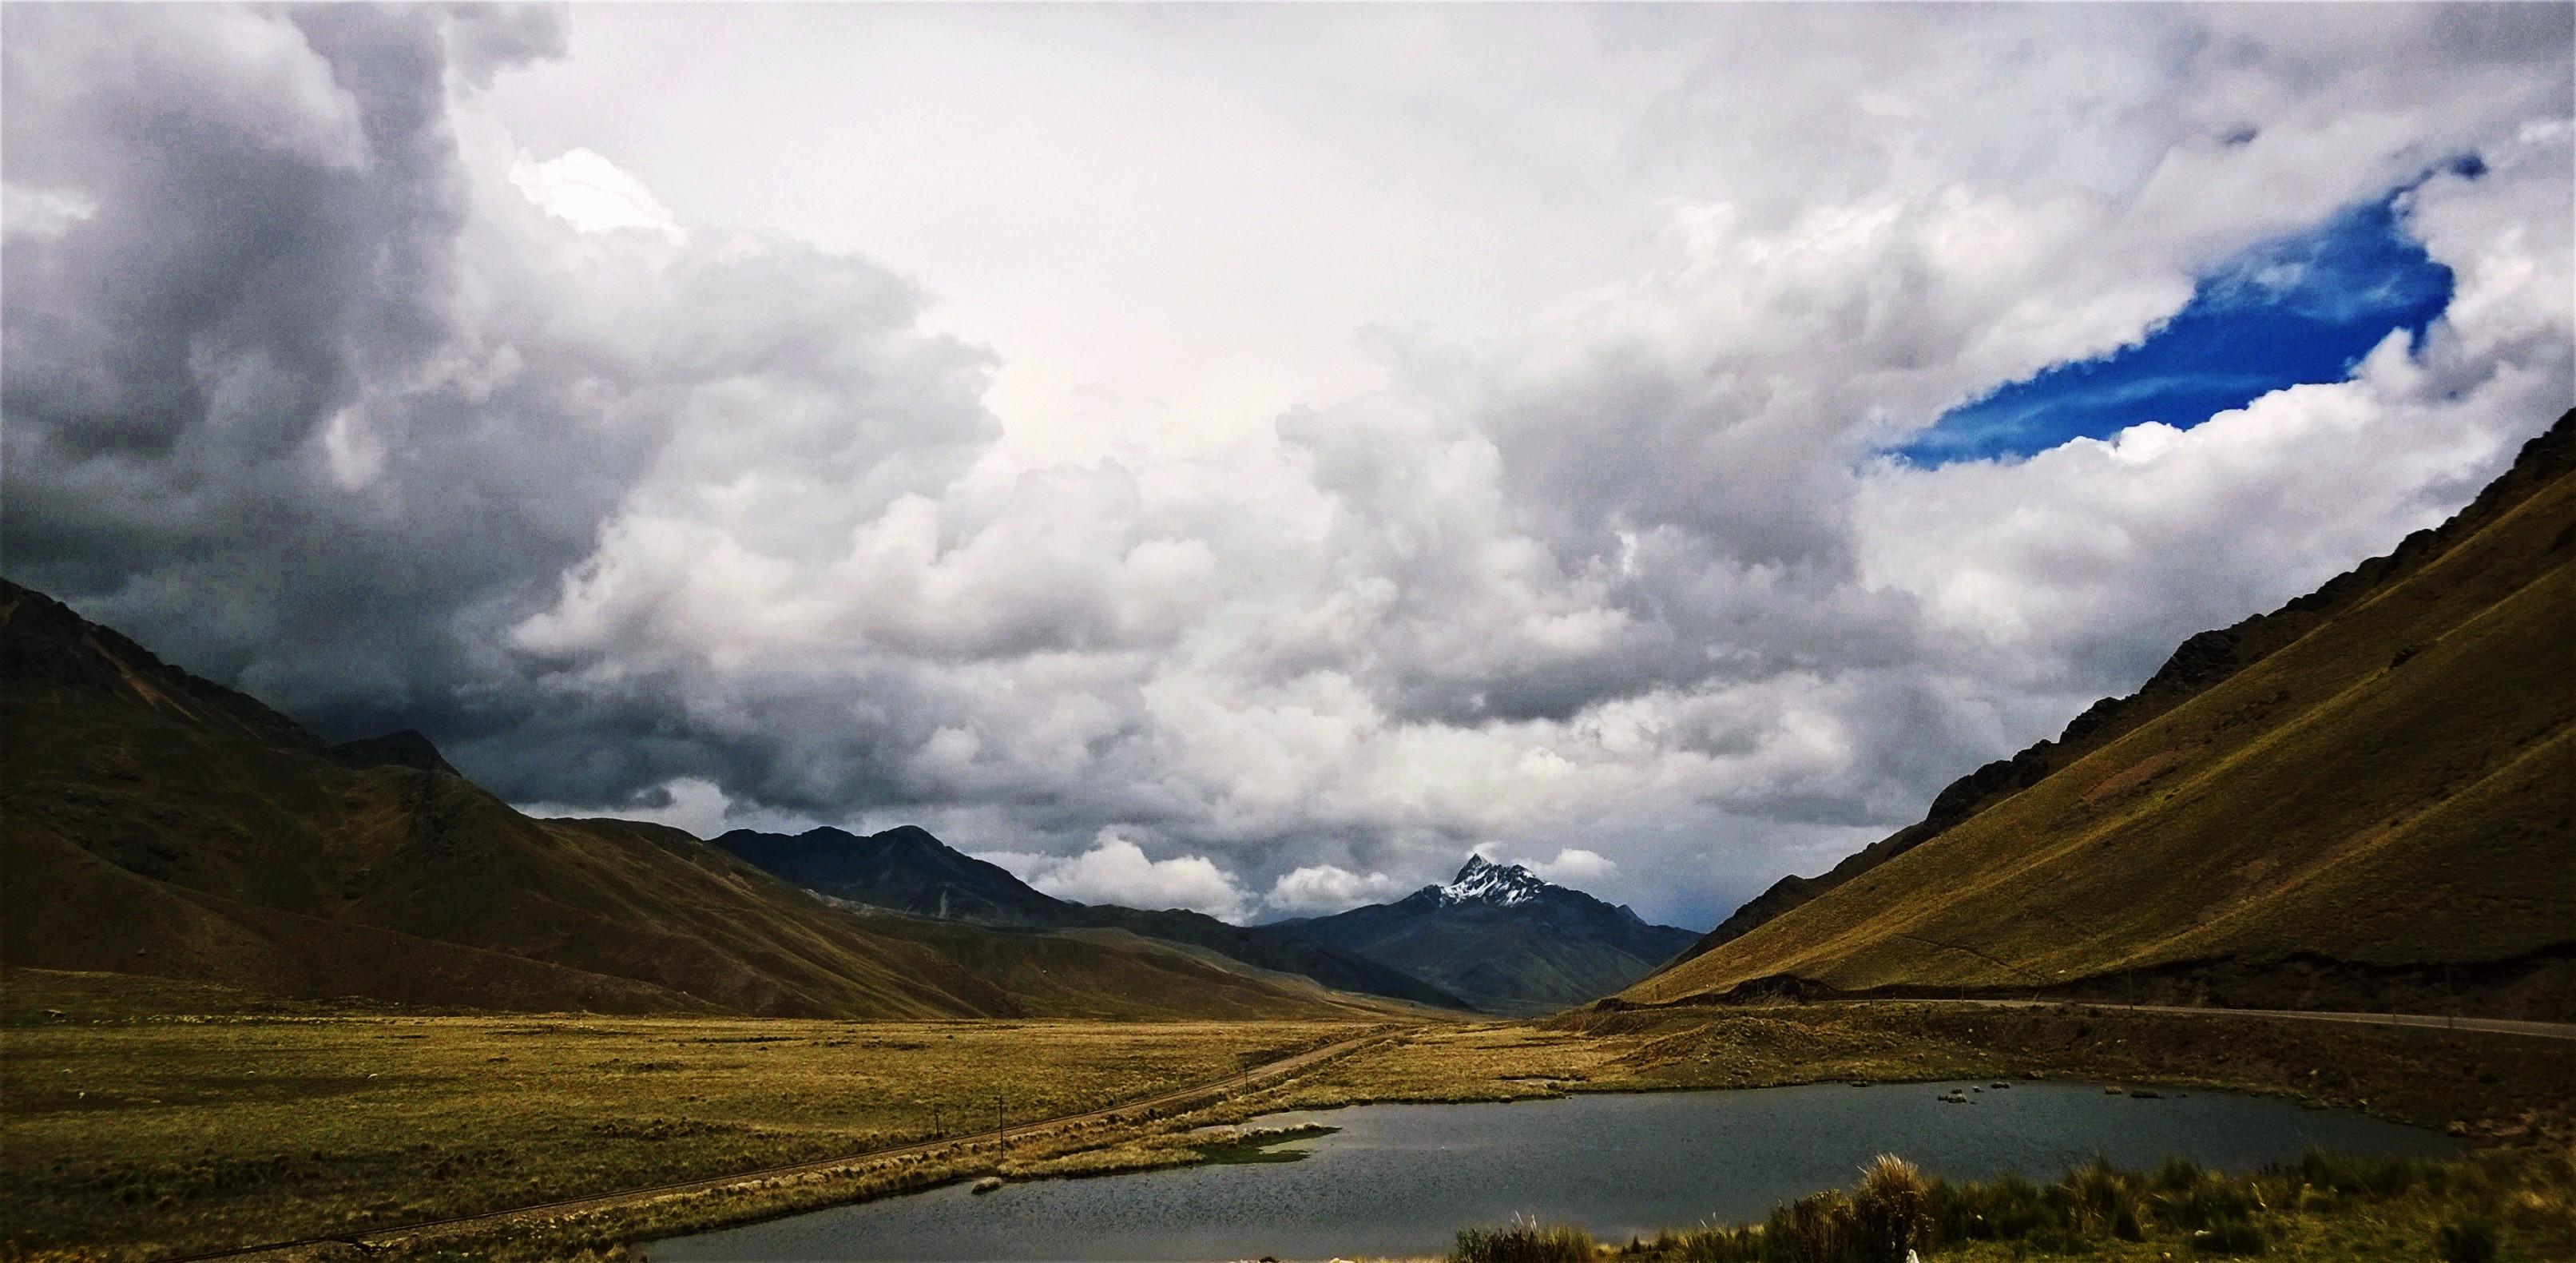 Le passage du col de la Raya, 4313 mètres d'altitude, sur la route Cuzco – Puno. Crédit Salomé Ietter